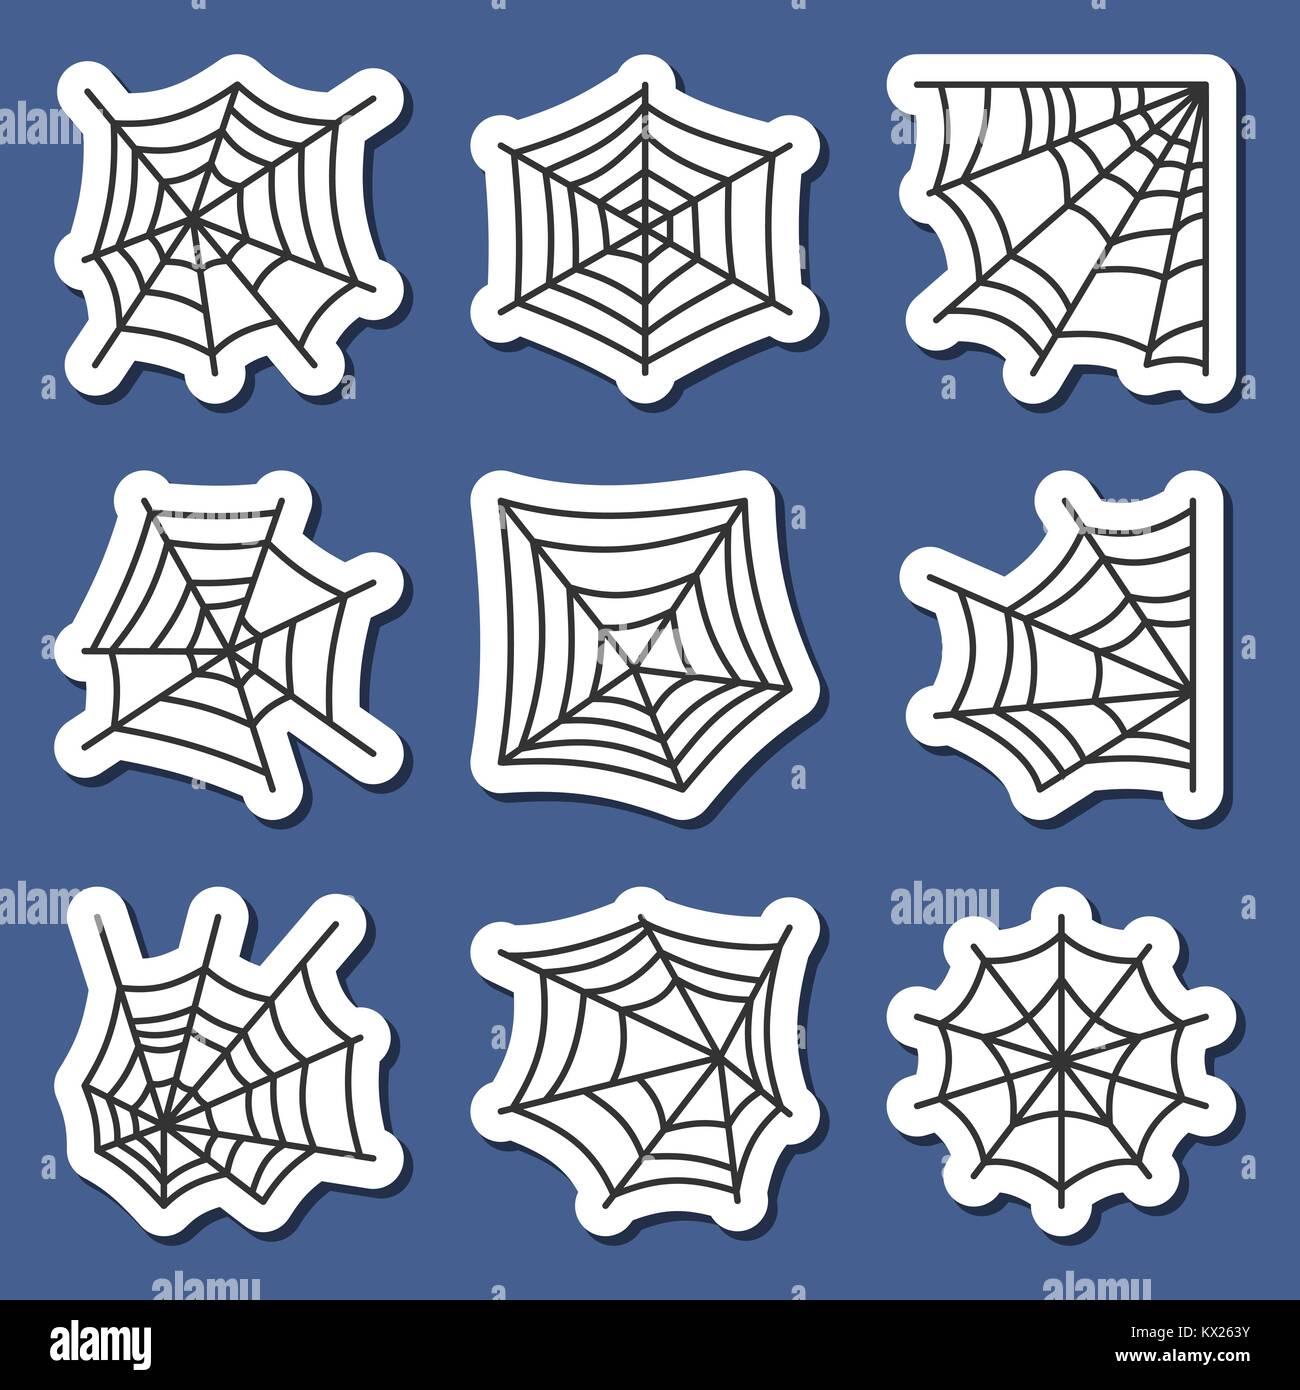 Spider web Pictogramme autocollant set. Noir sur blanc araignée araignée badges print, affiche, étiquette de l'élément Illustration de Vecteur